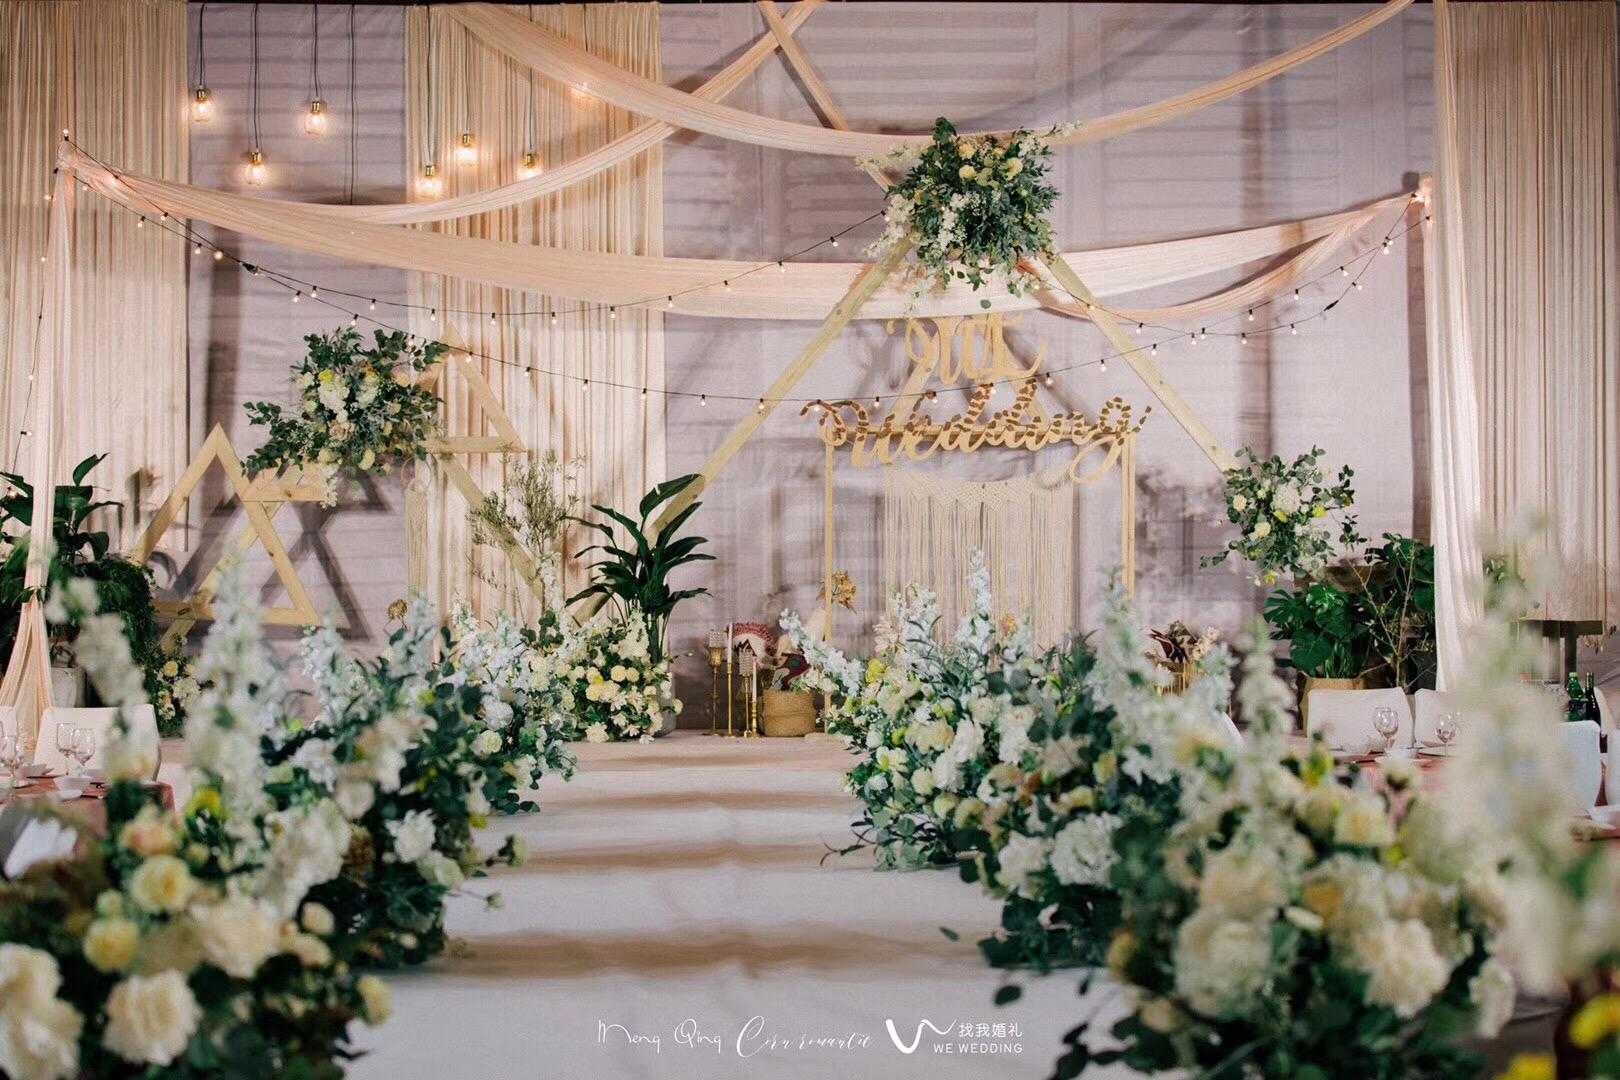 美式风格婚礼婚礼图片